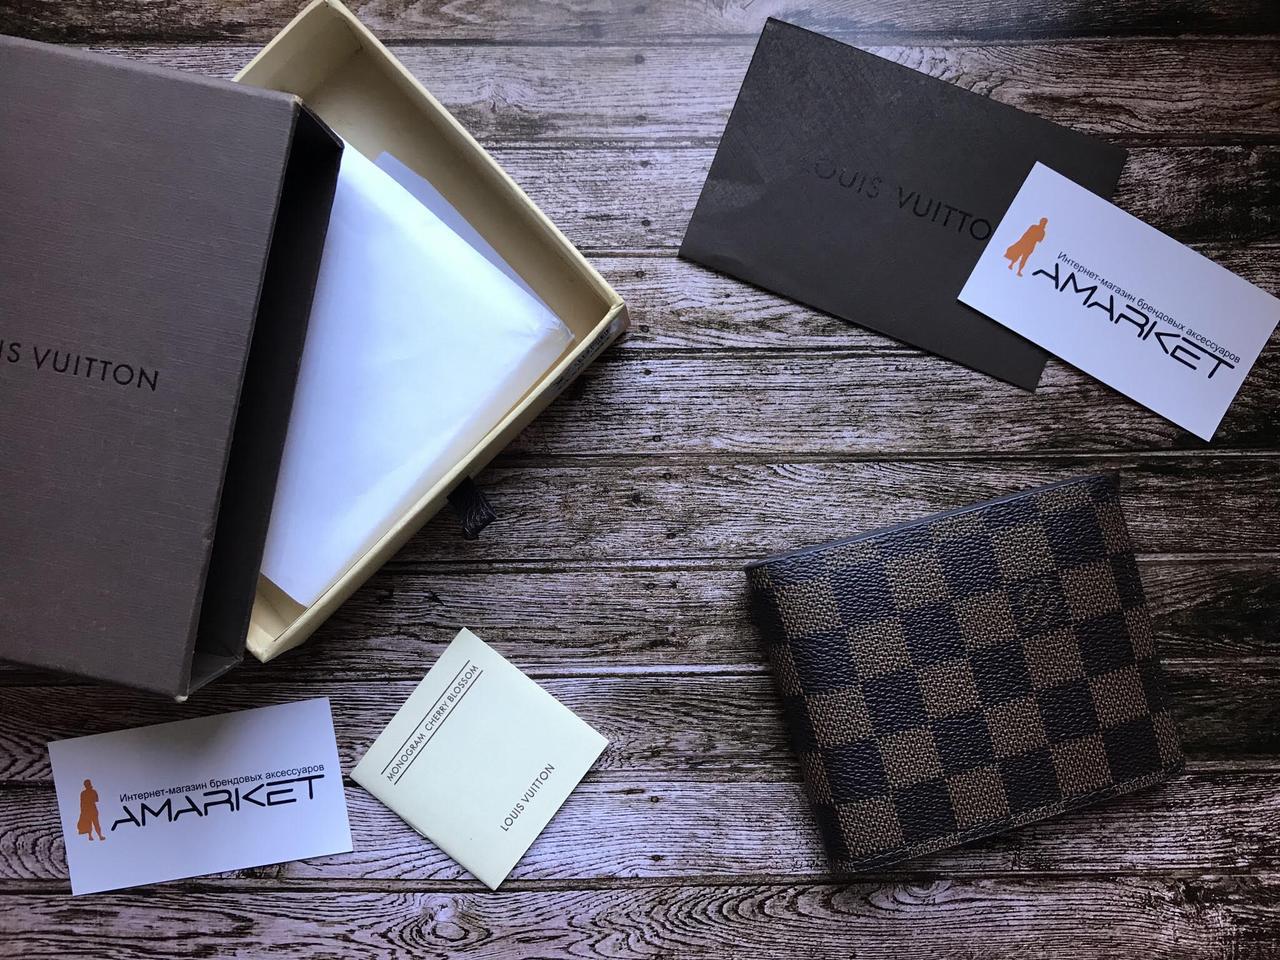 a6acfa2d7f46 Кошелек клатч портмоне бумажник коричневый мужской женский Louis Vuitton  премиум реплика - AMARKET - Интернет-